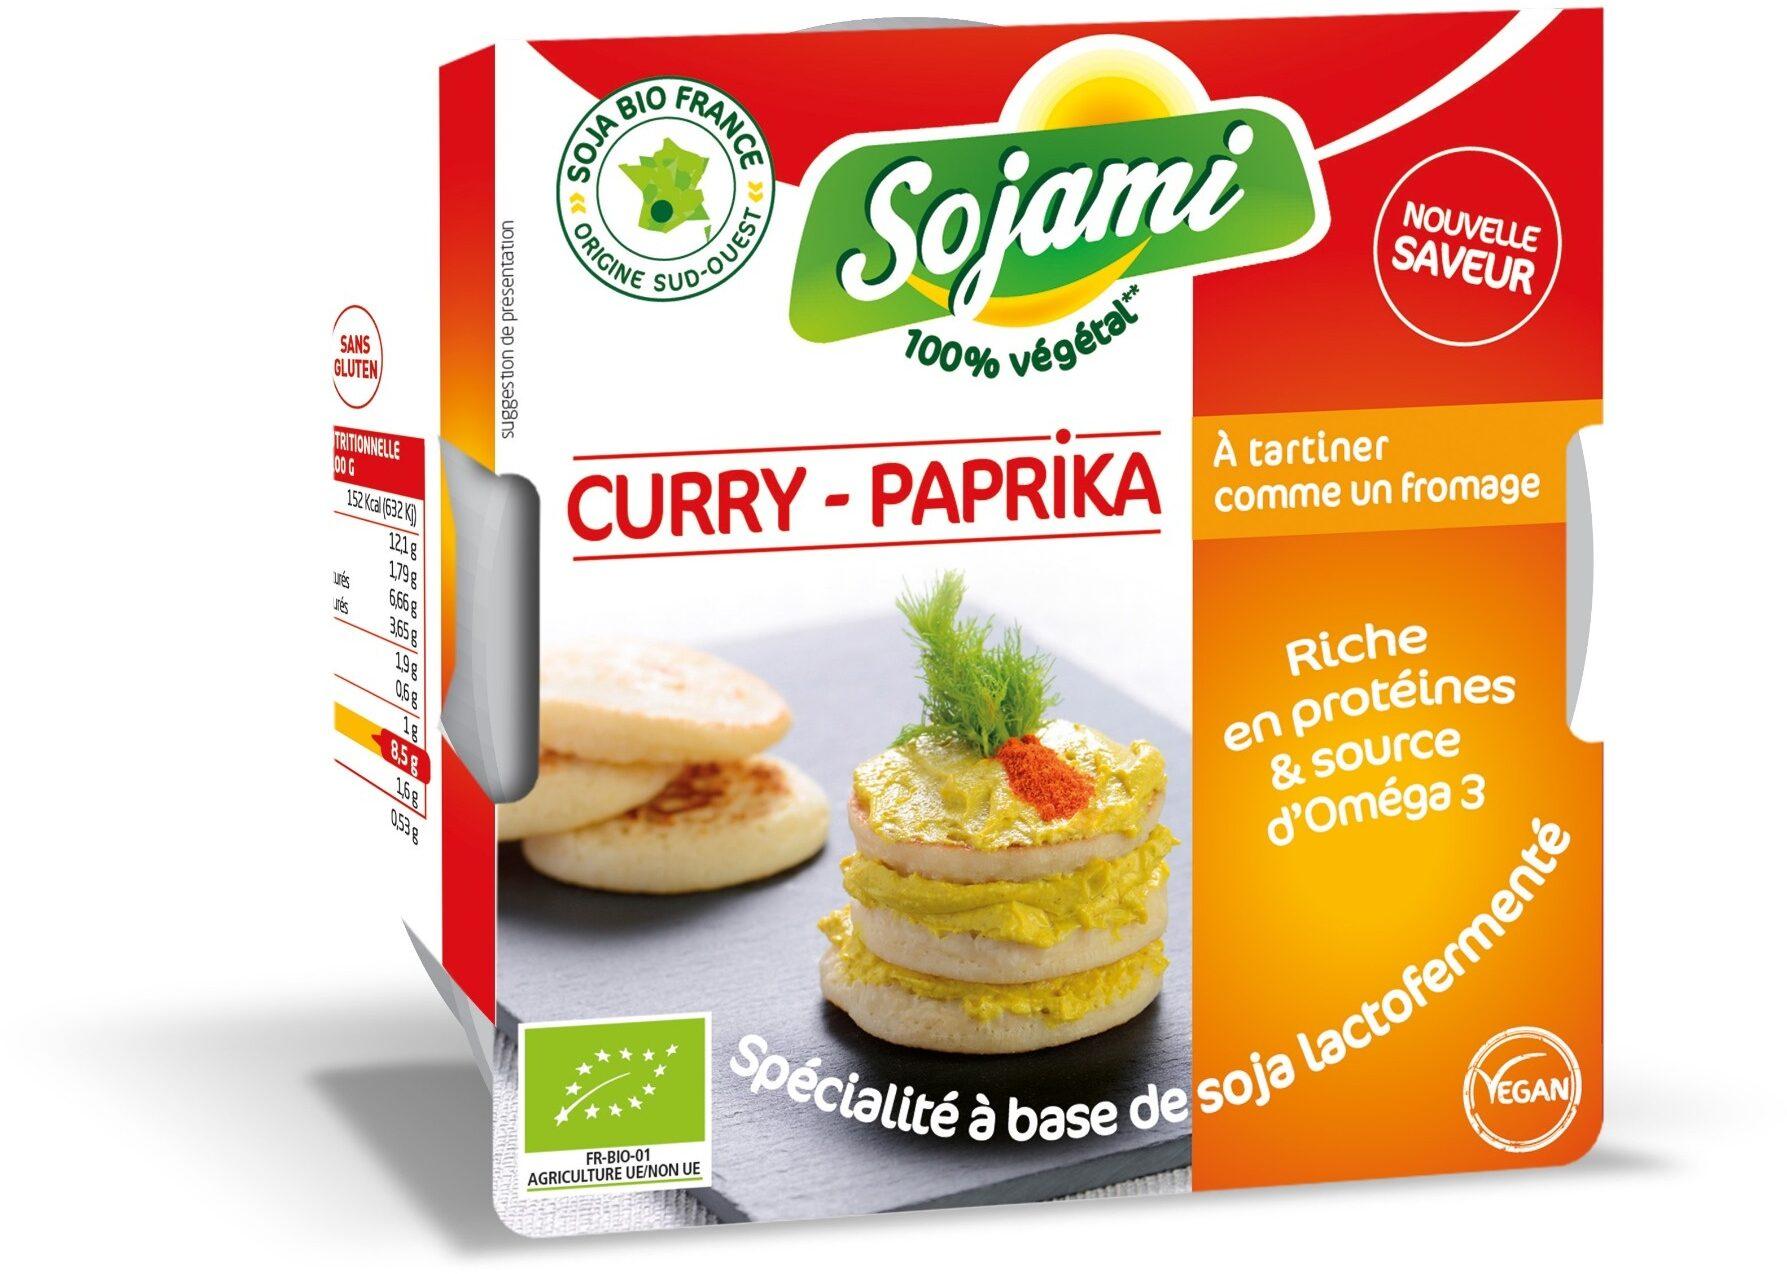 Sojami à tartiner Curry Paprika - Product